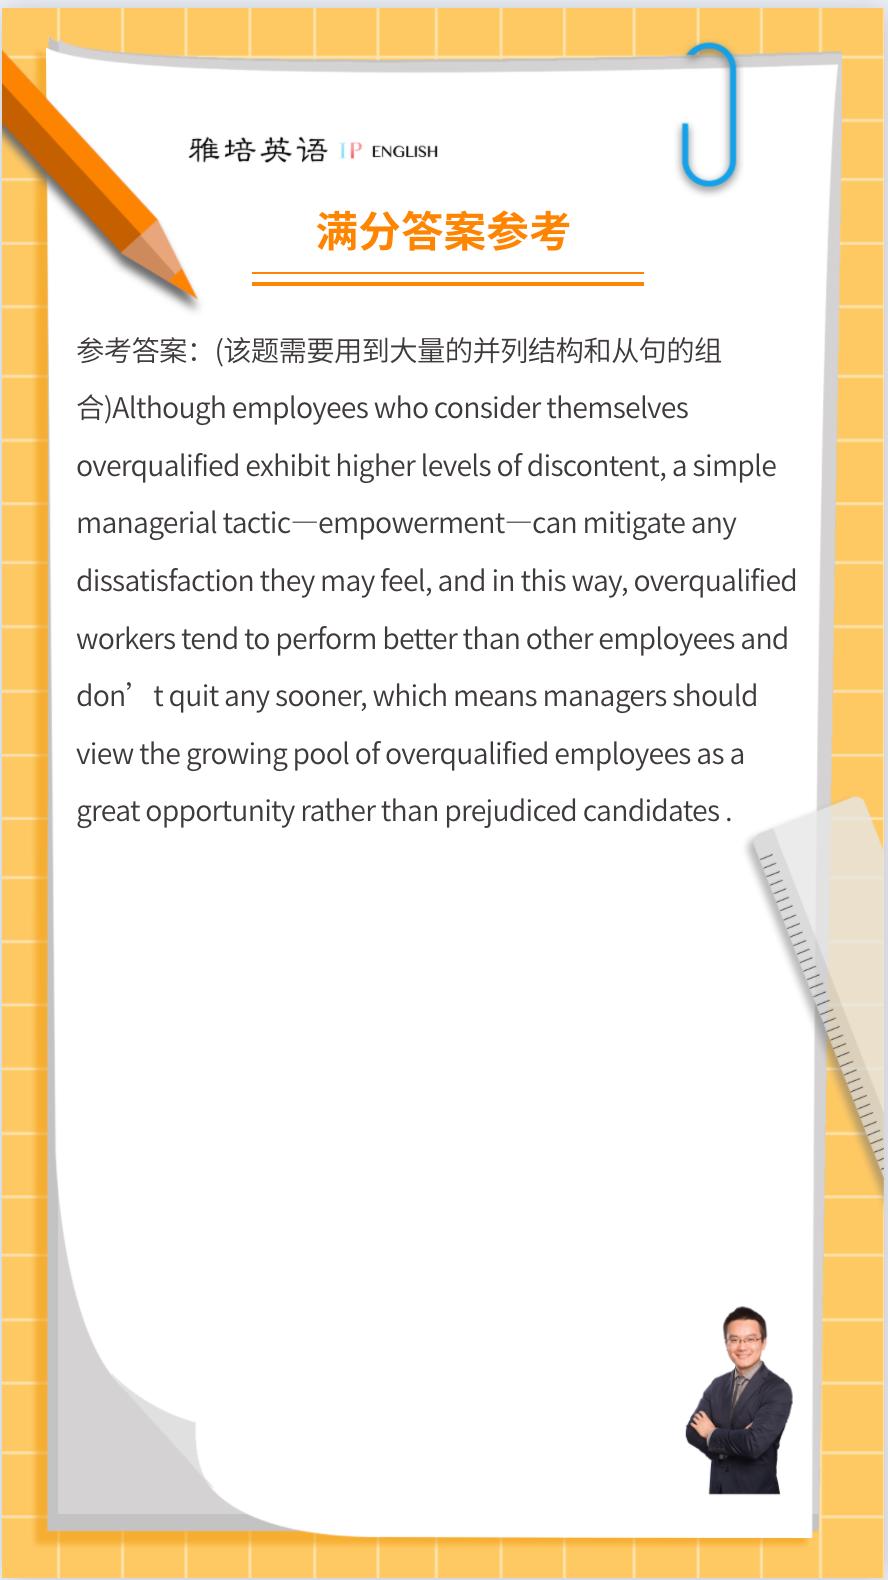 本月高高高频SWT - overqualified workers满分答案解析